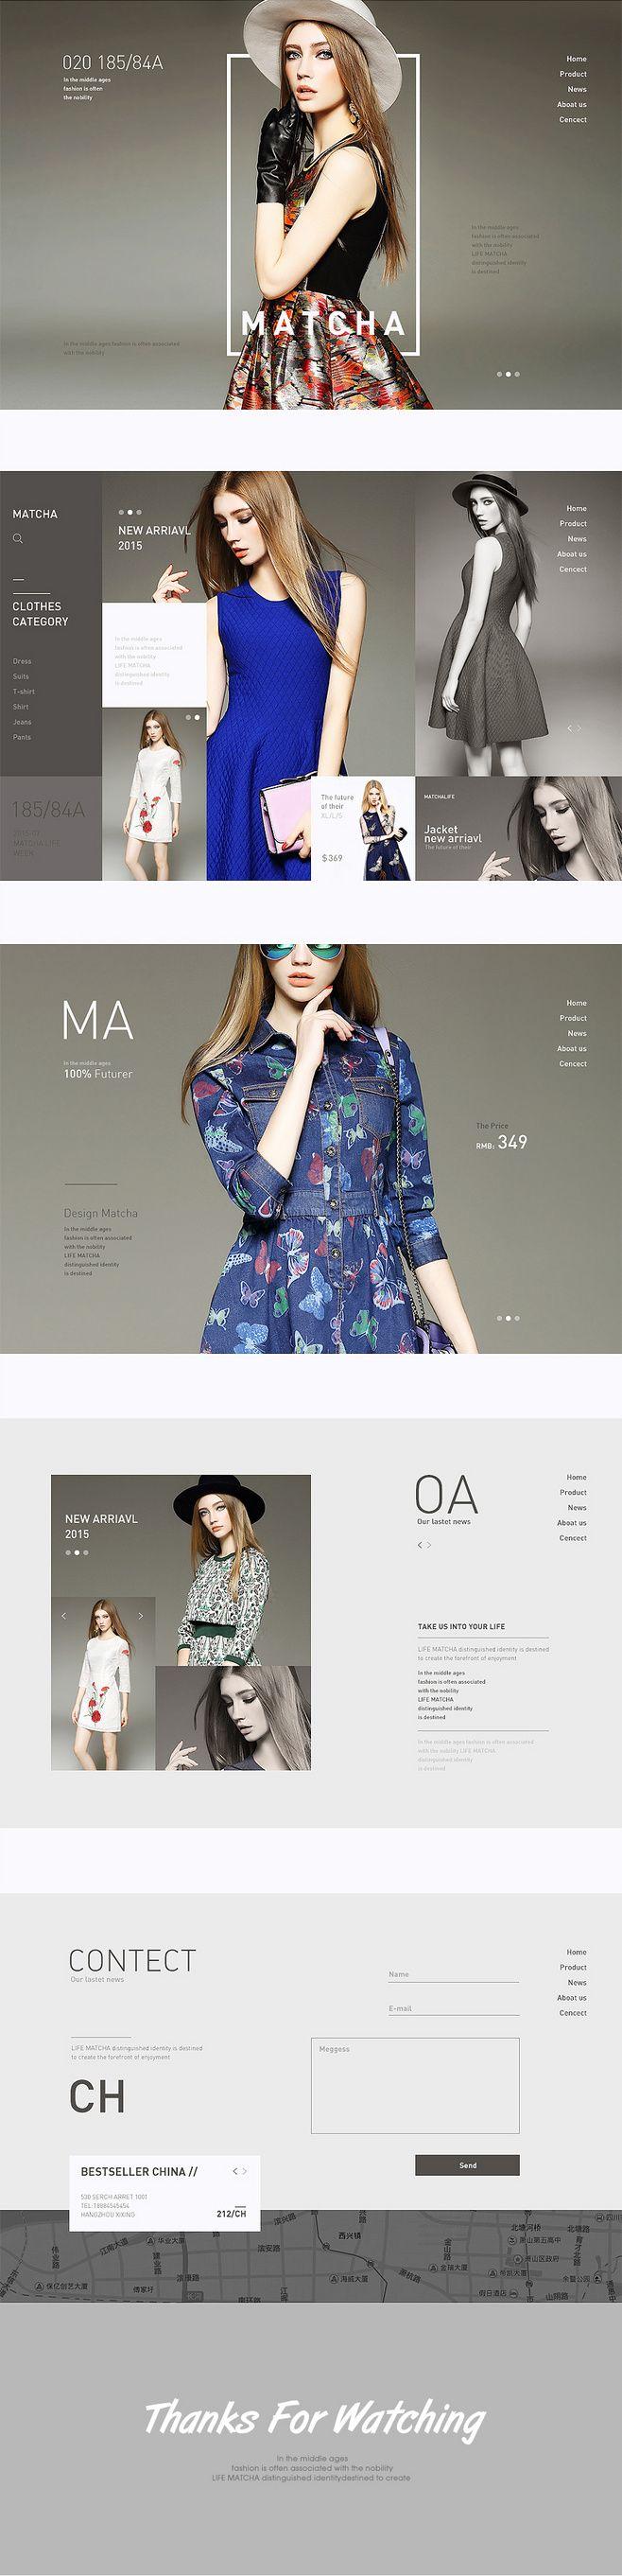 原创作品:欧美高端女装网页练习